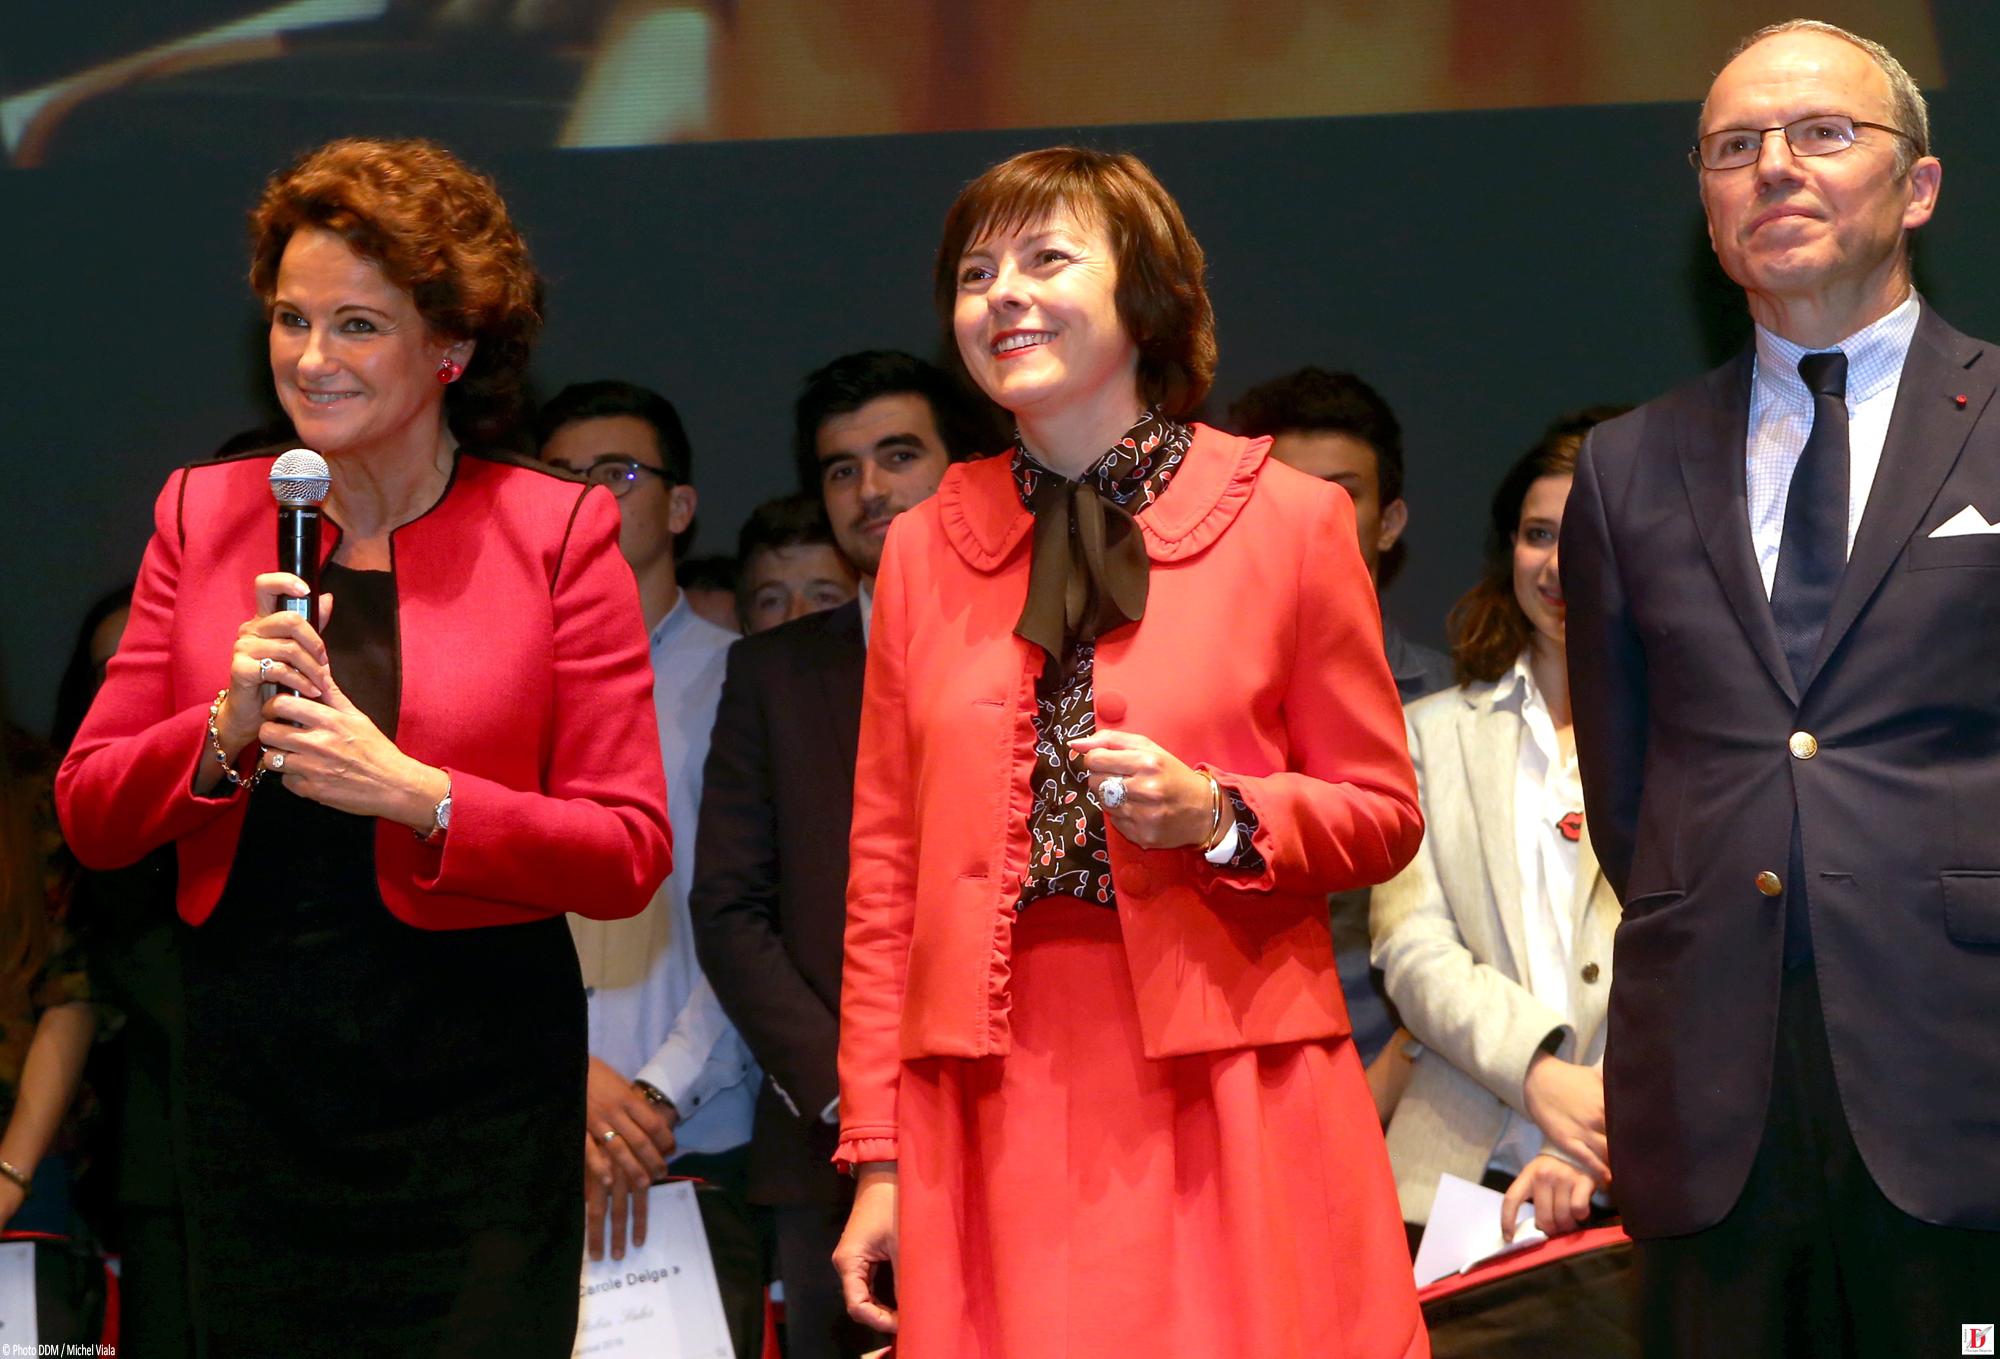 MF Marchand-Baylet, Carole Delga, Présidente de la Région Occitanie, Pascal Mailhos, Préfet de Région